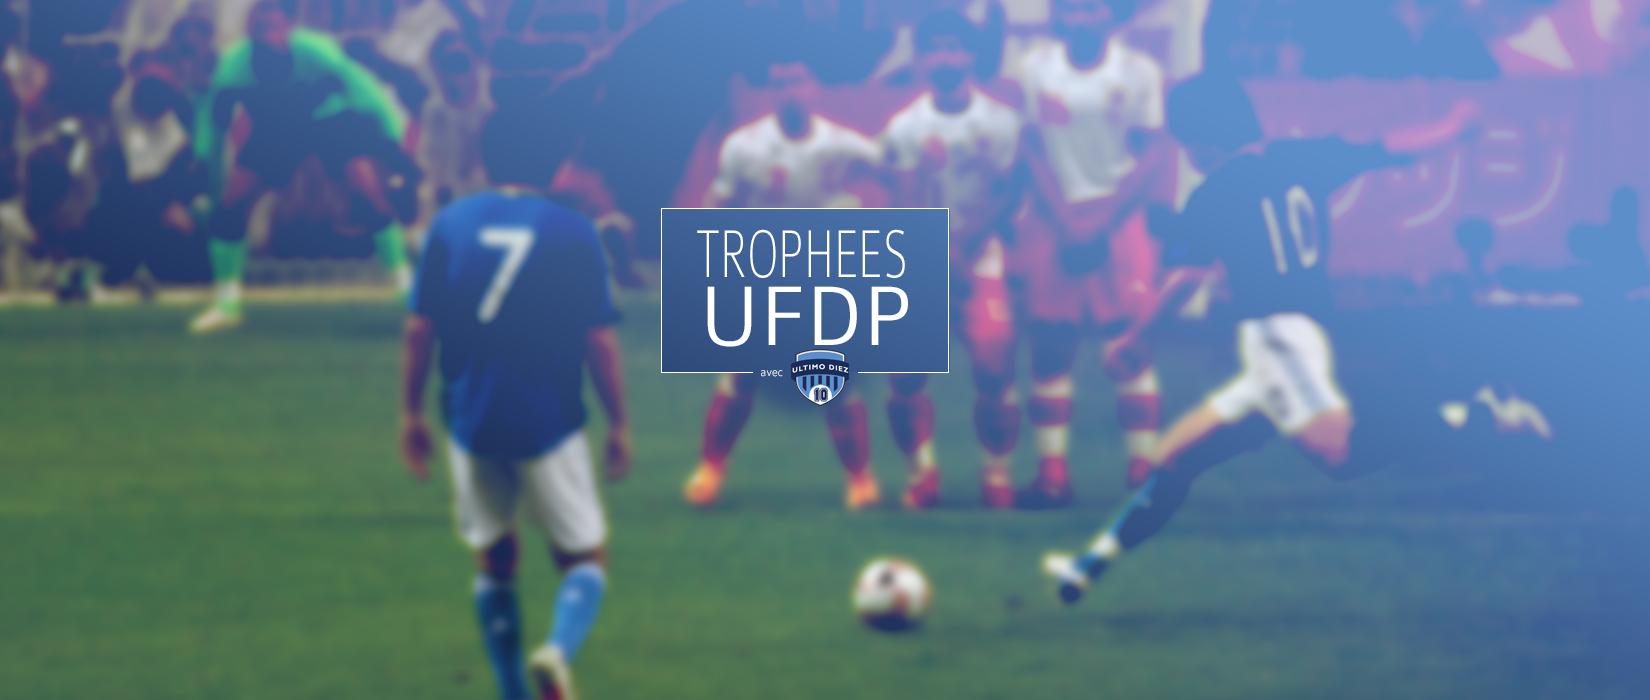 Trophées UFDP : Les vainqueurs